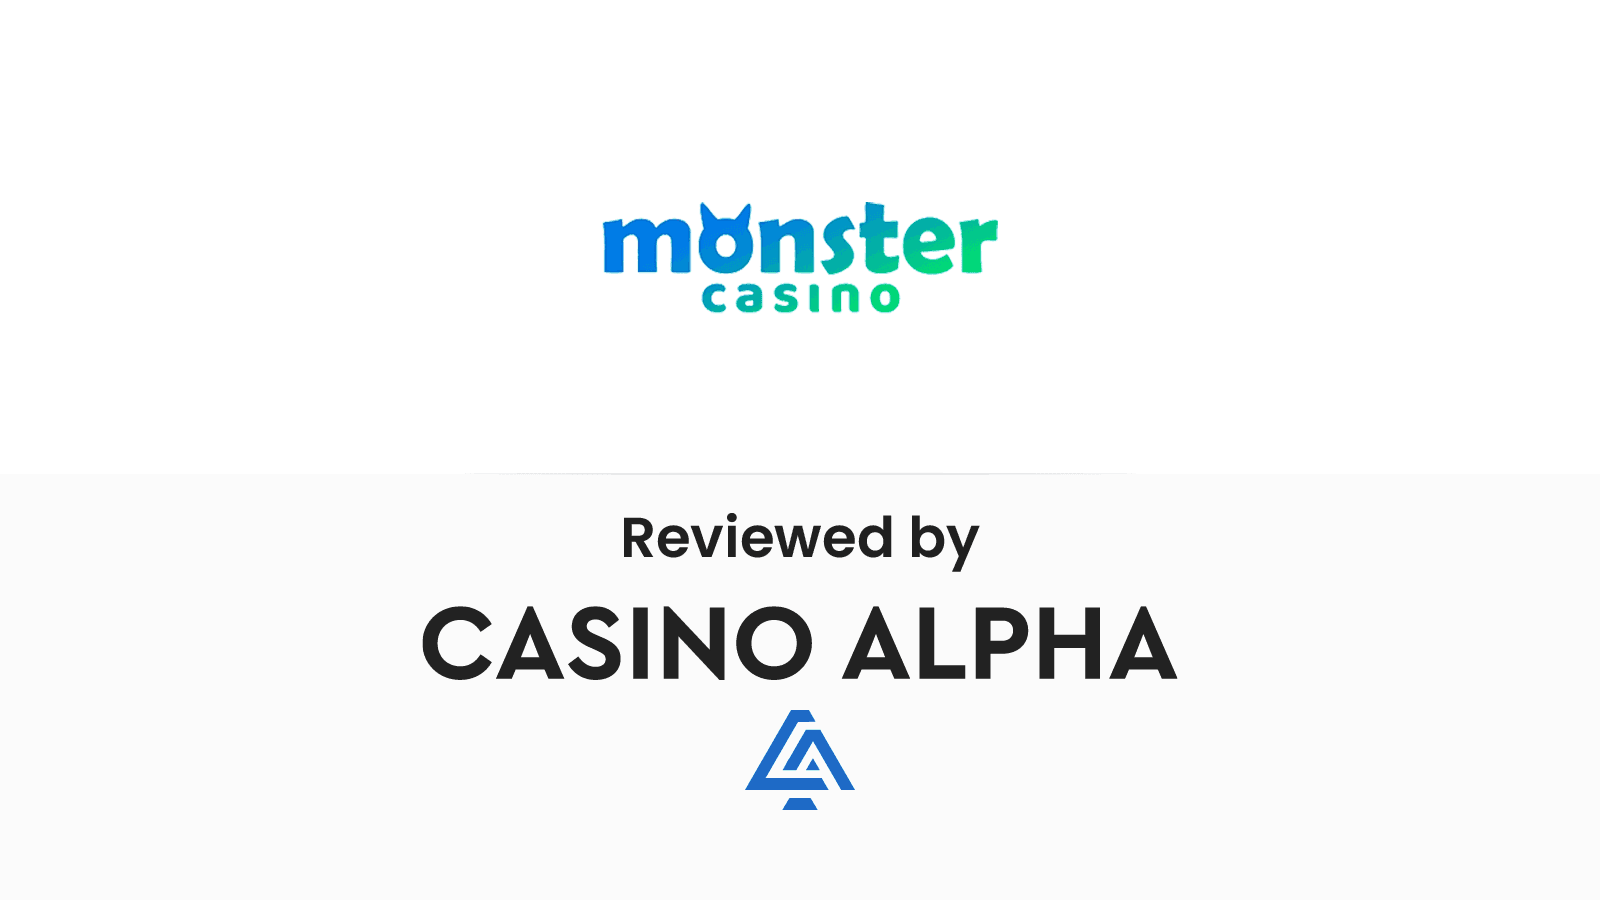 Monster Casino Review & Bonuses